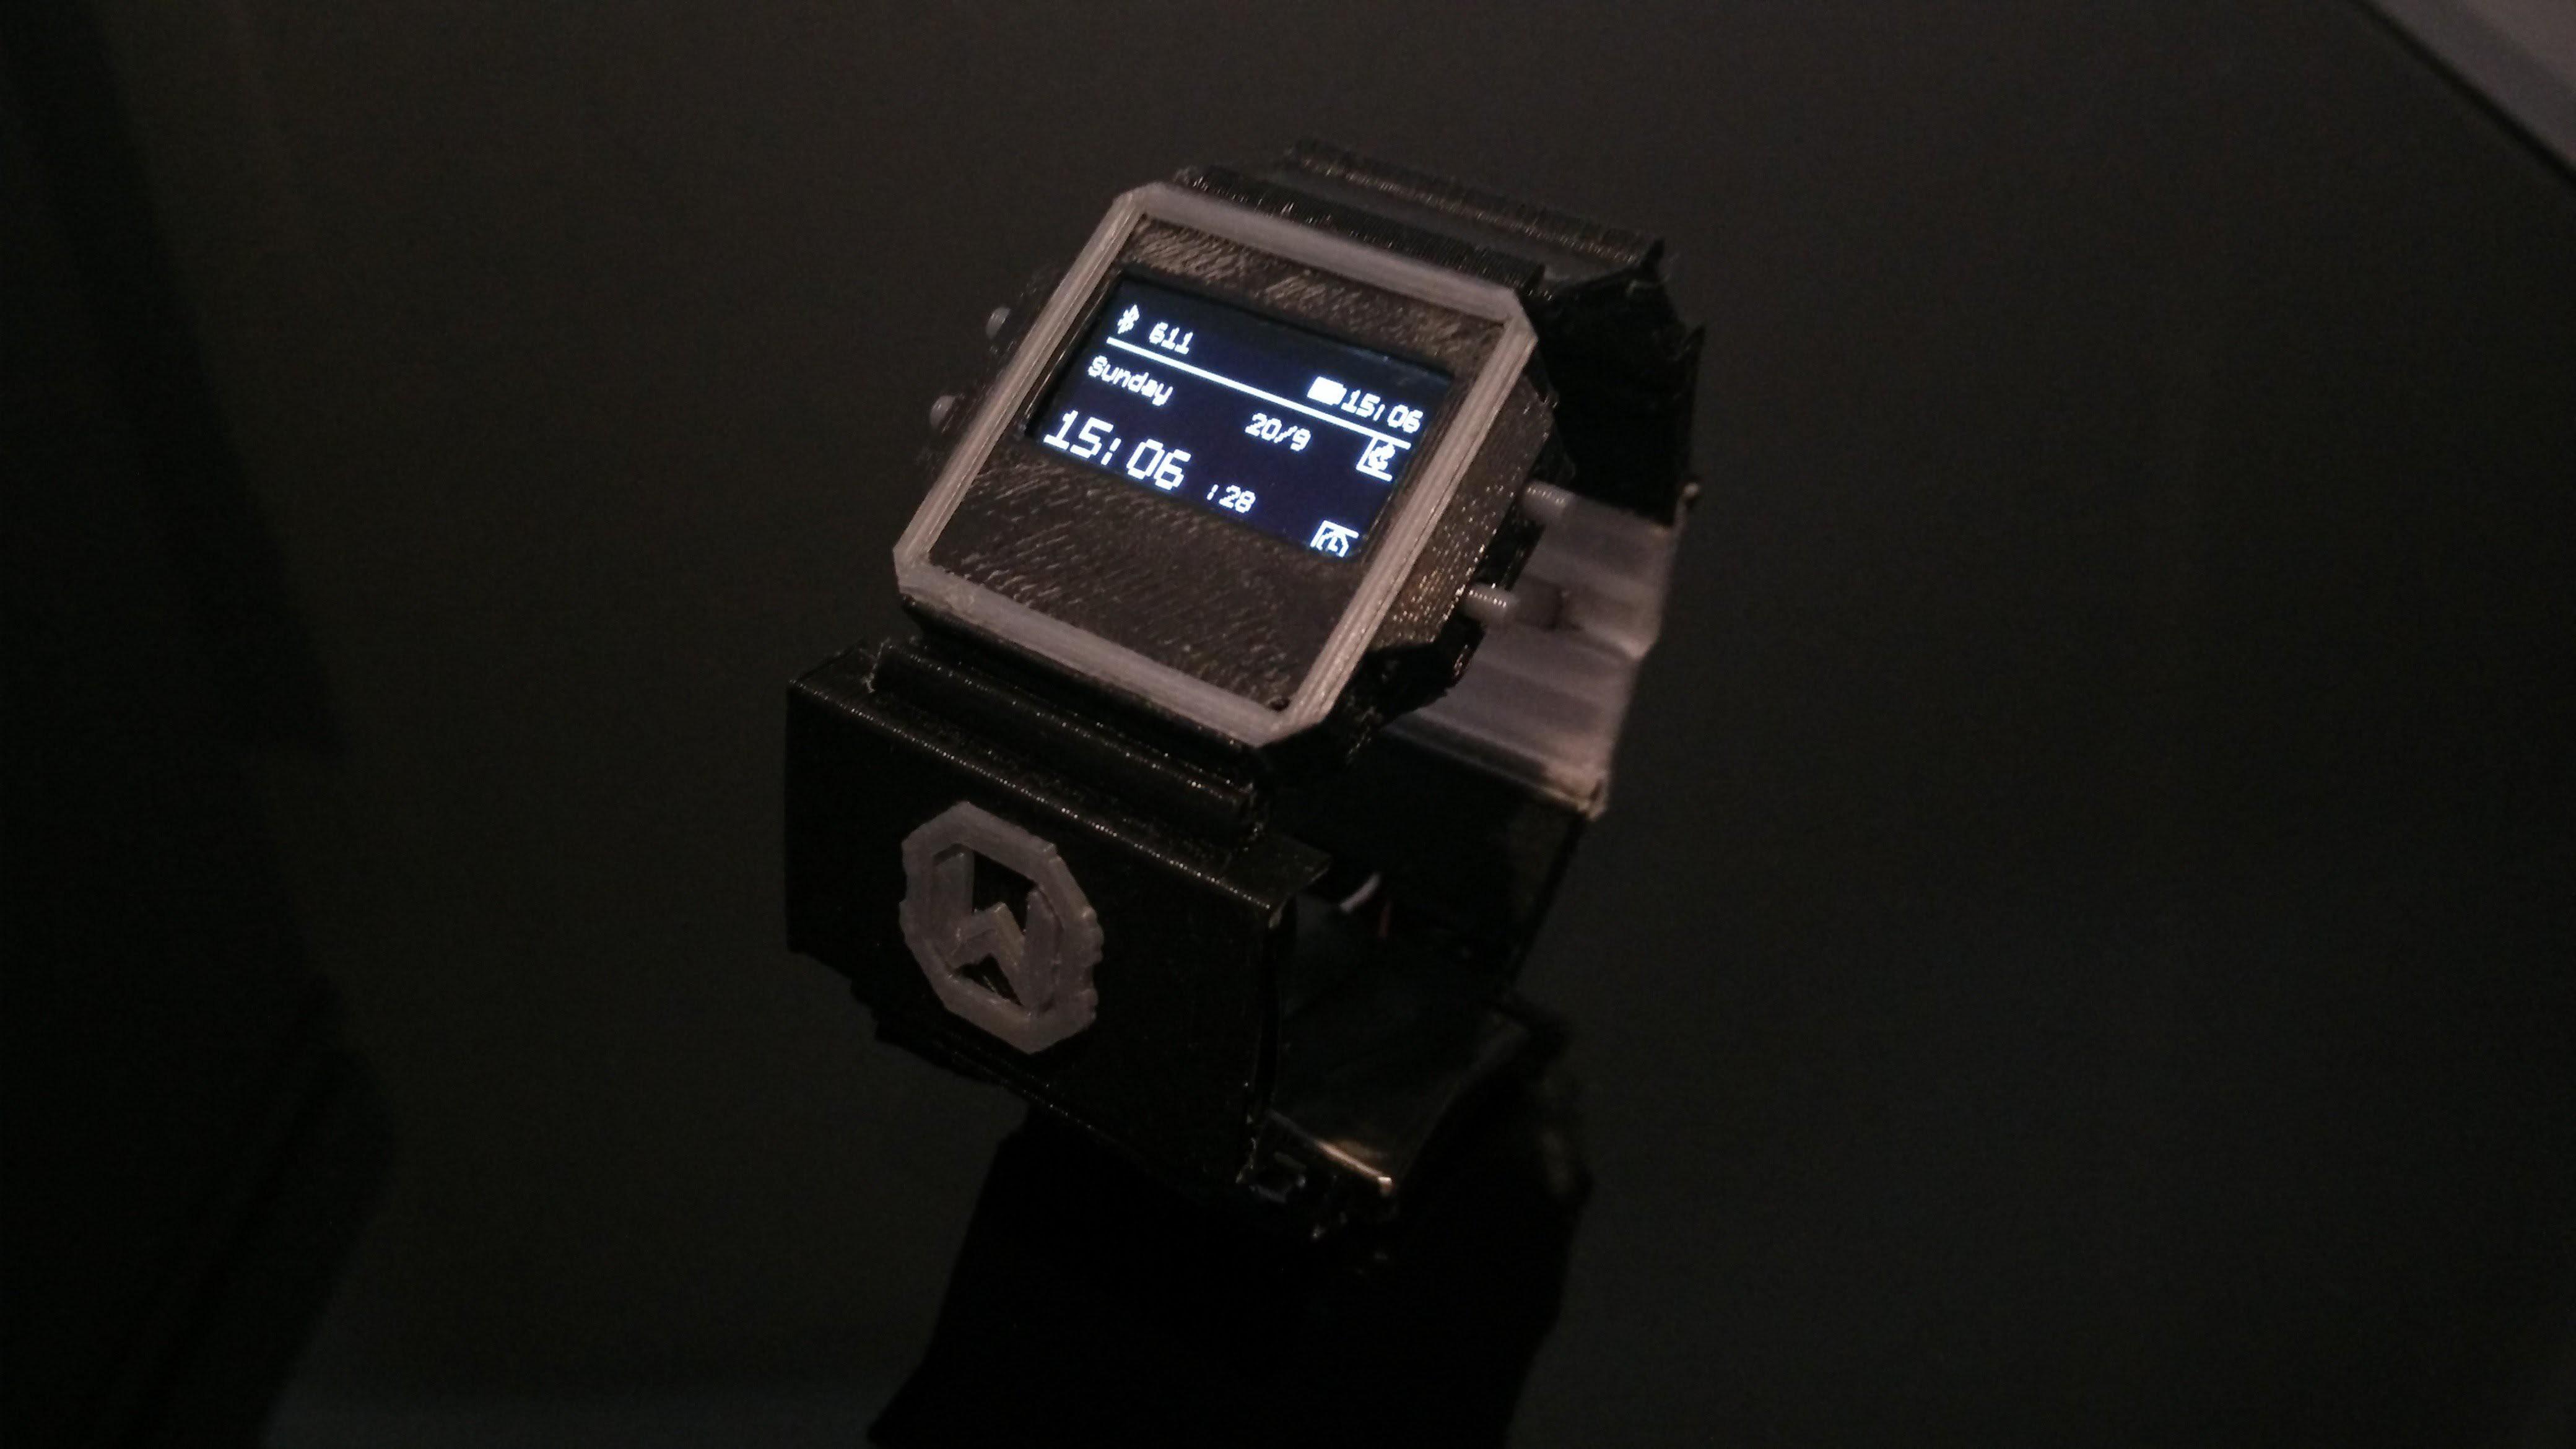 Watchduino2,廉價的開源BLE智能手表,與Arduino工具兼容